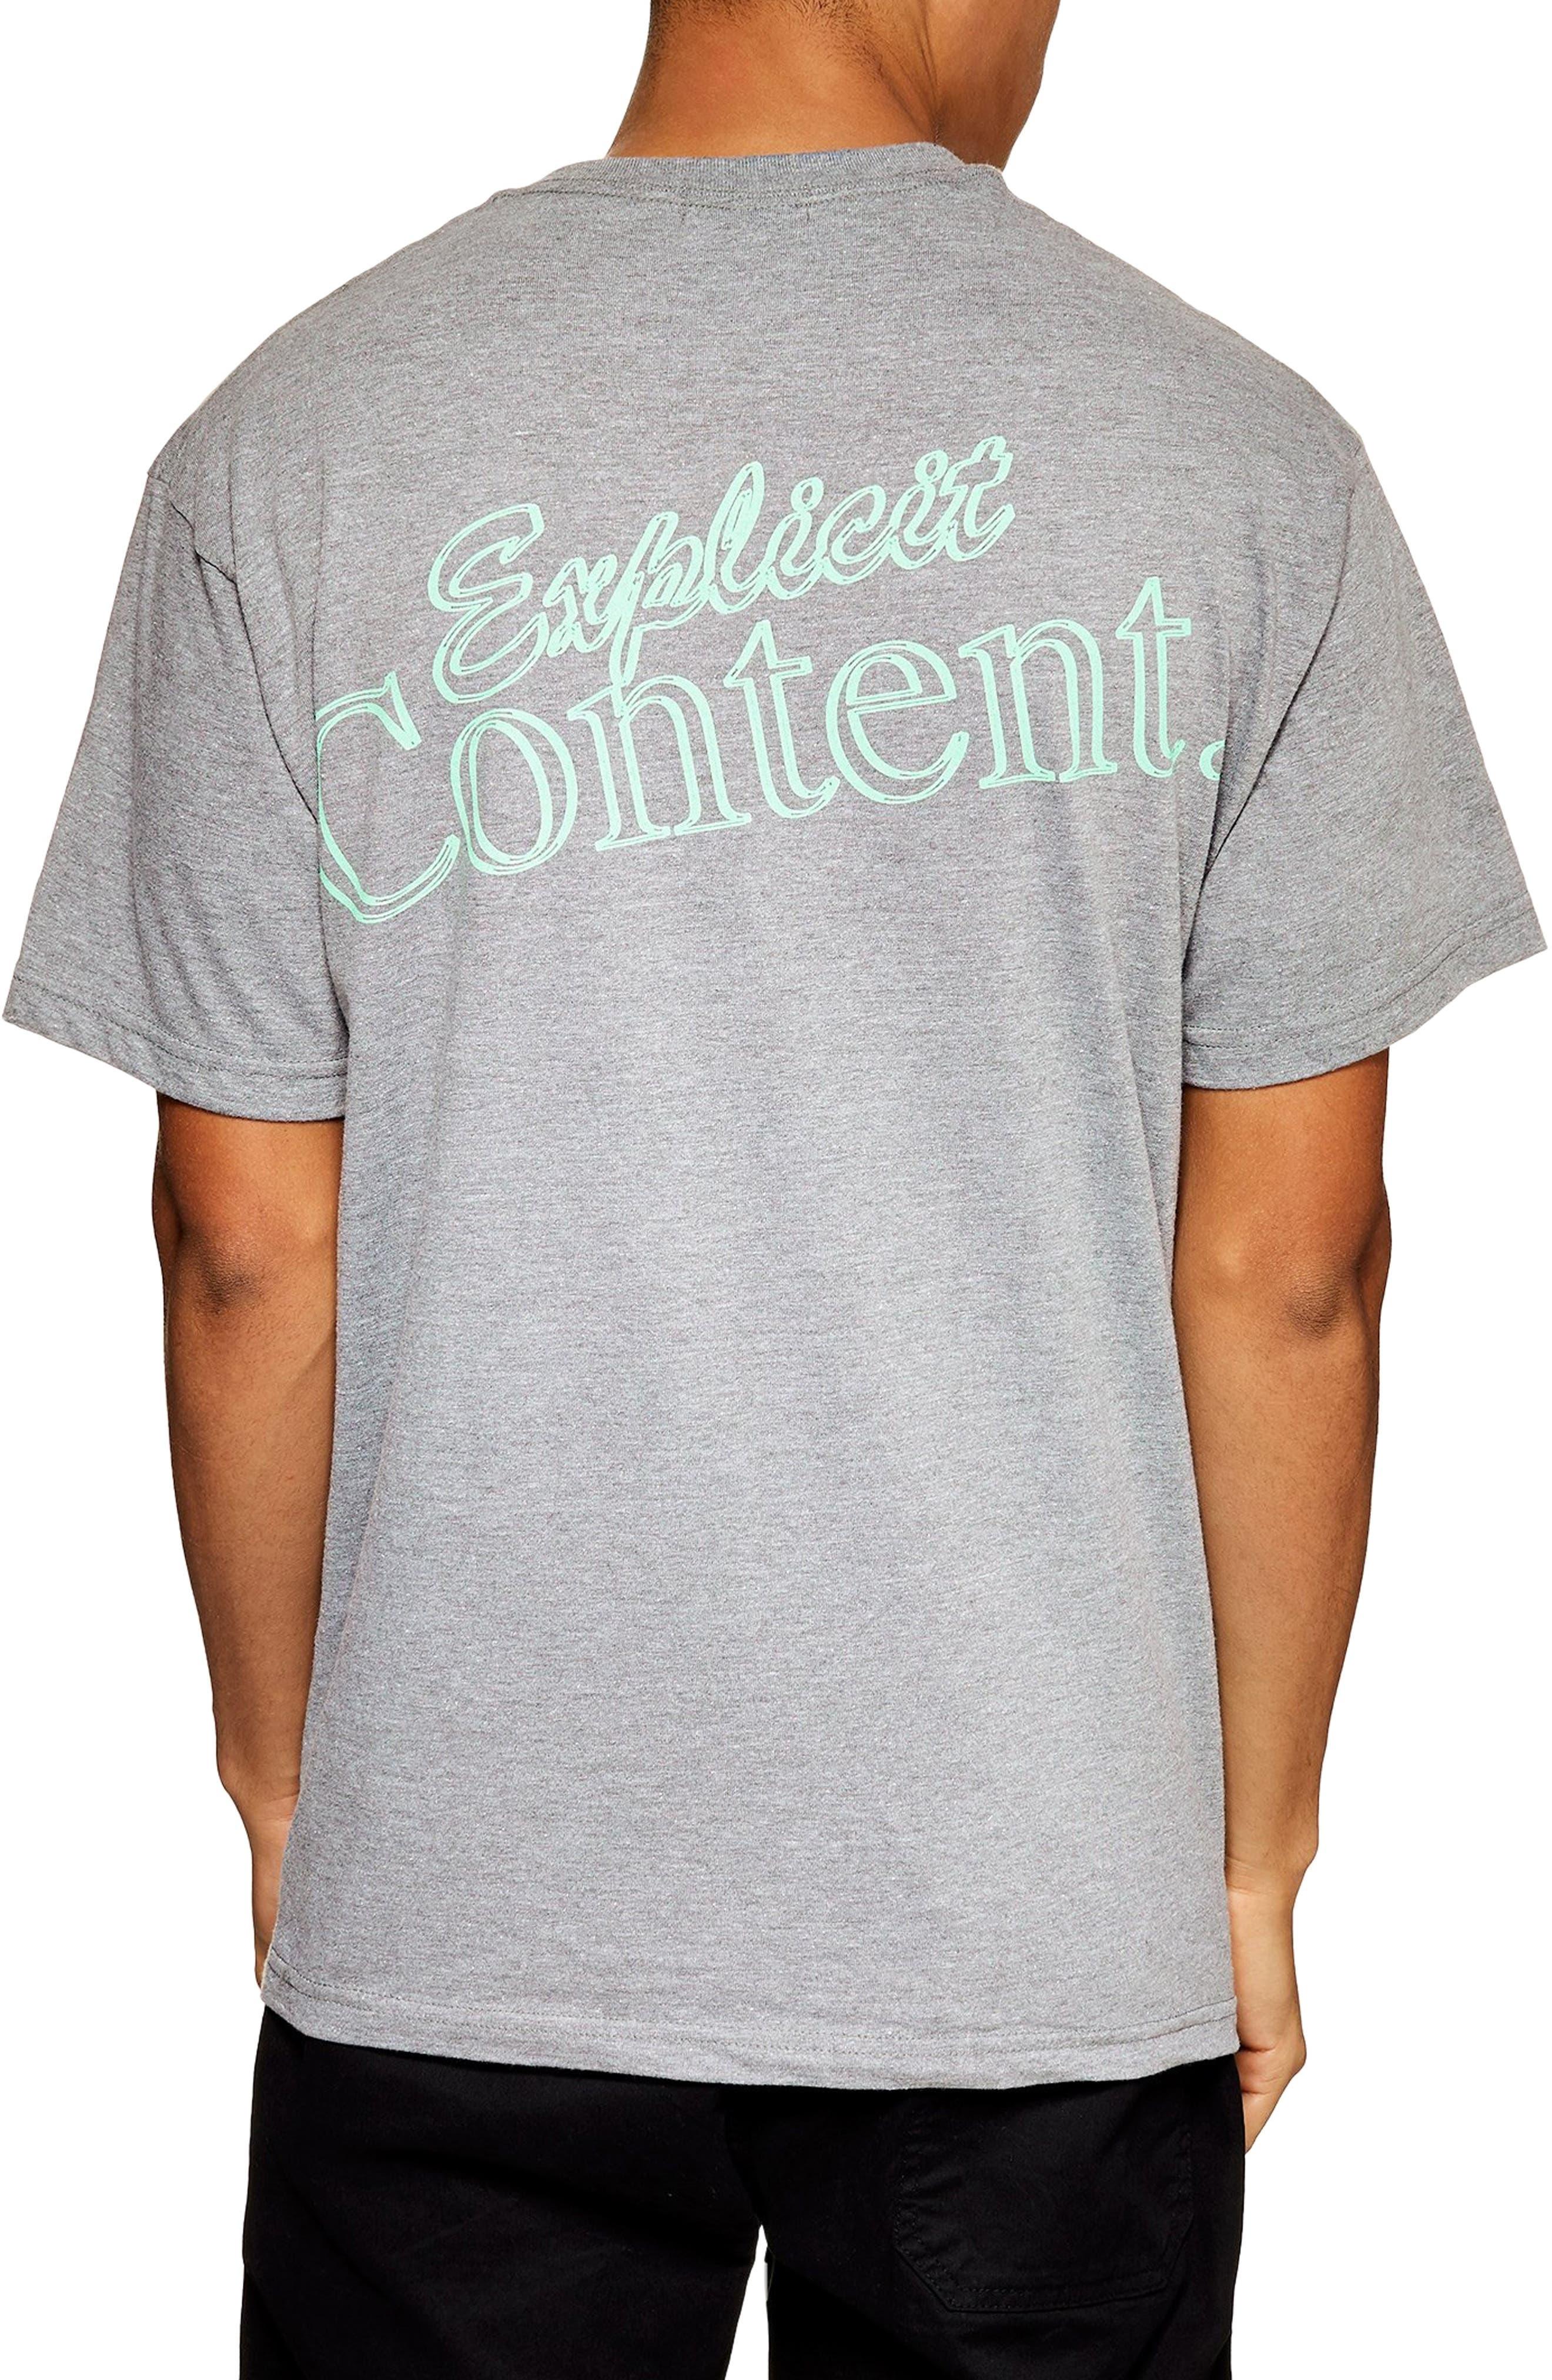 Explicit Content T-Shirt,                             Alternate thumbnail 2, color,                             GREY